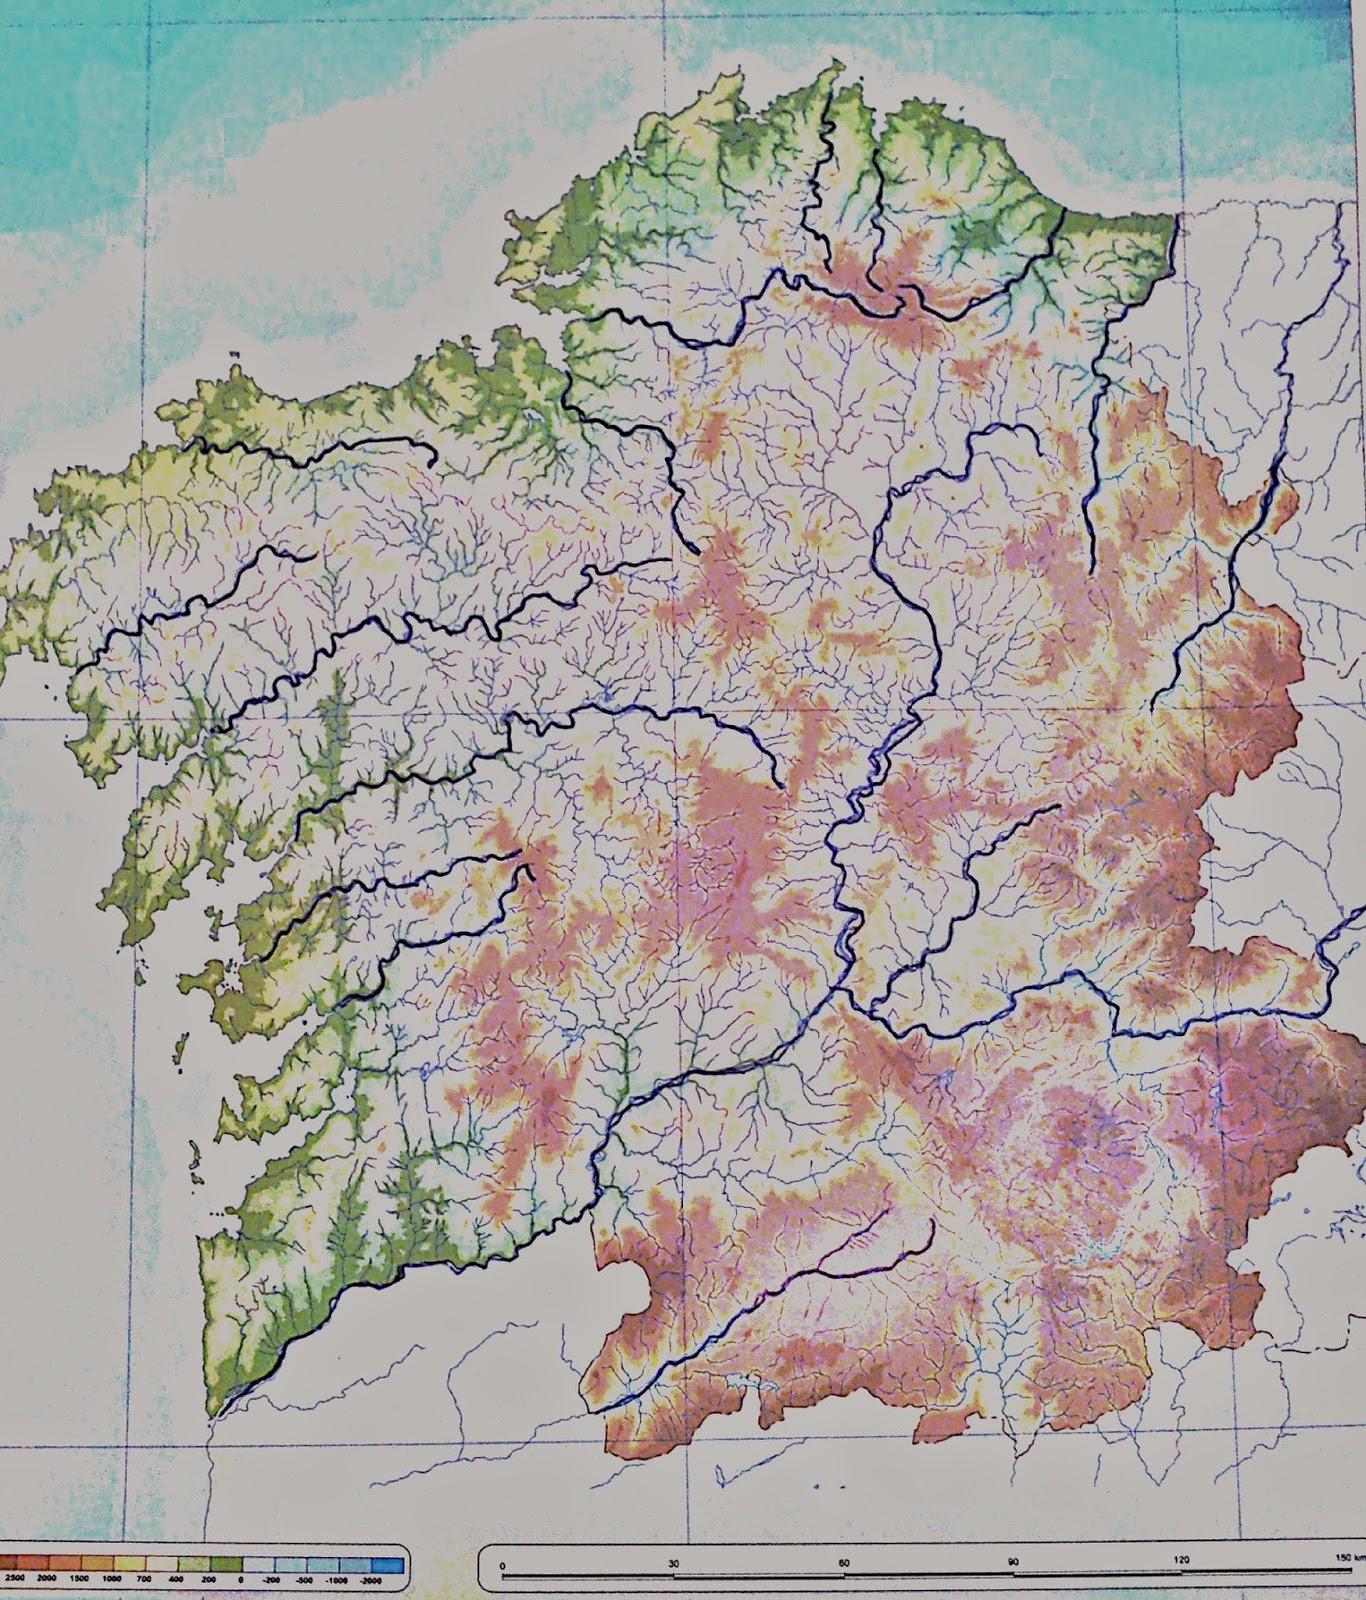 Mapa De Galicia Fisico Mudo.Mapa De Galicia Para Colorear Informacin E Imgenes Con